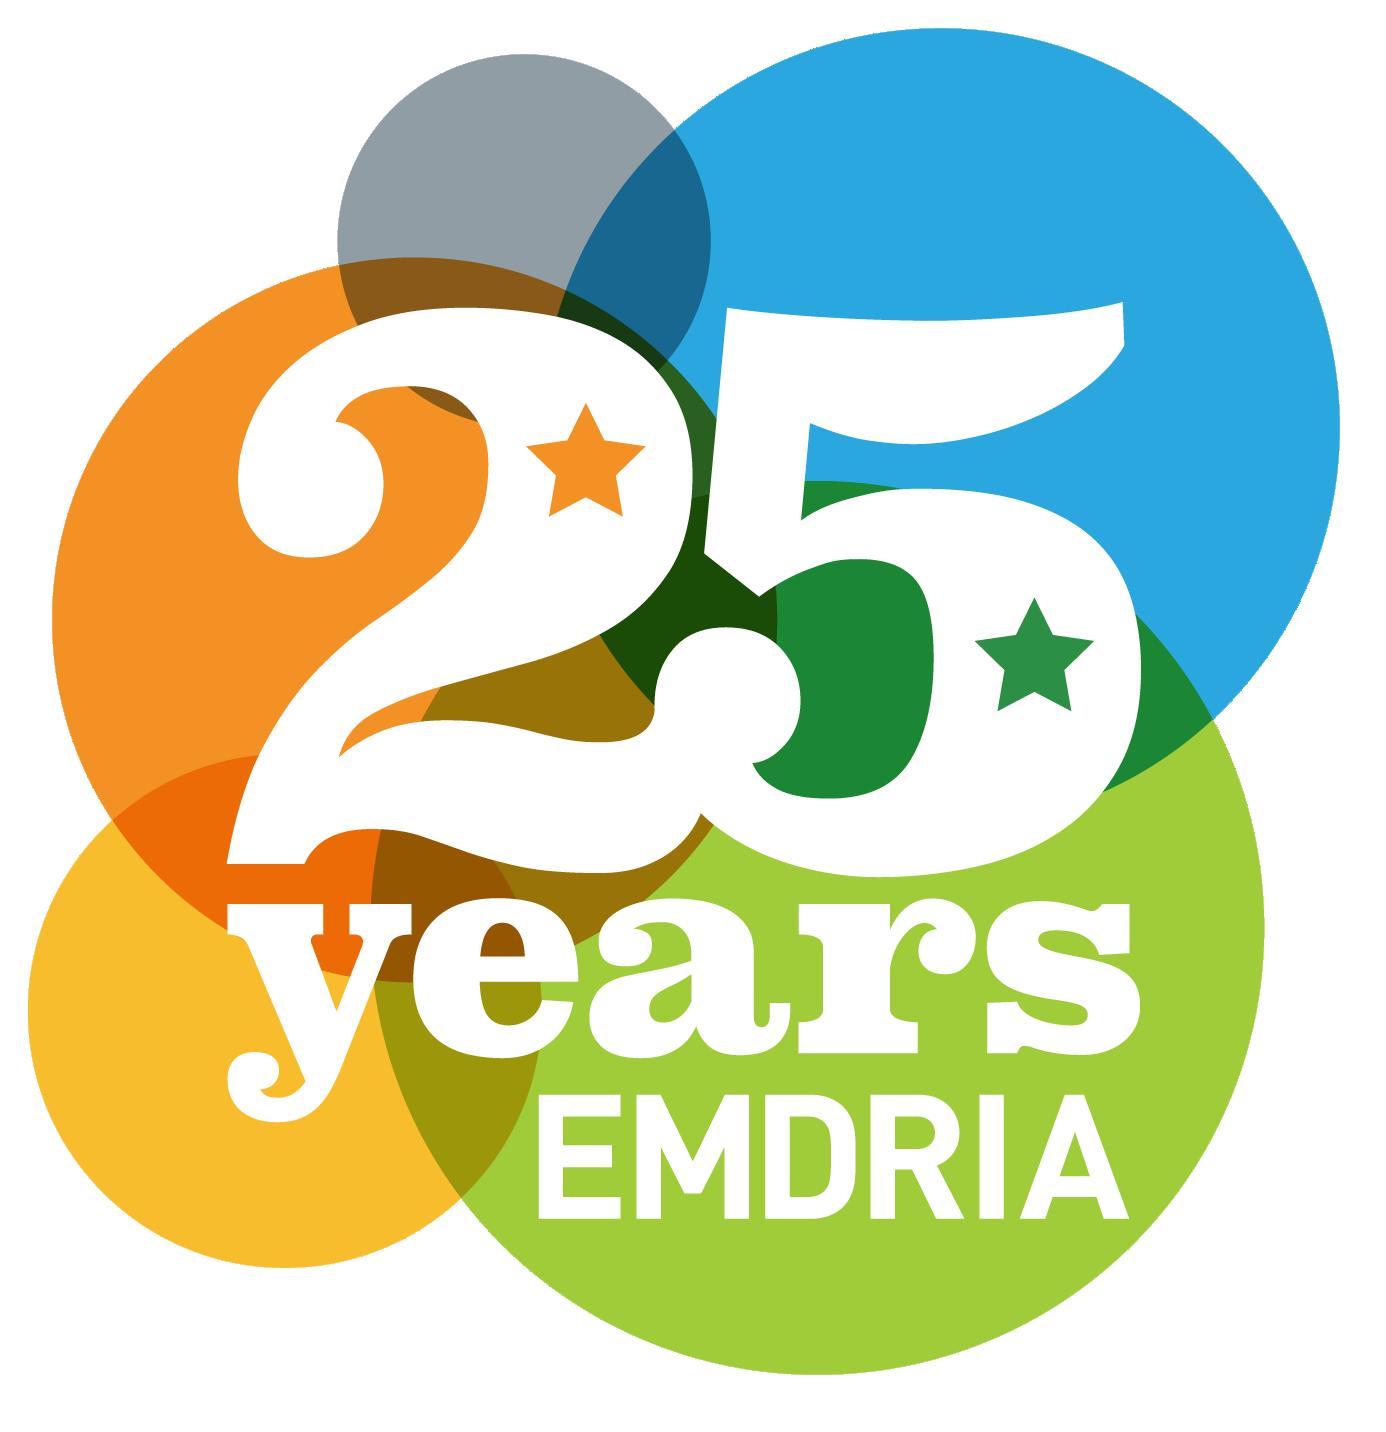 emdria_2020mark_emdria